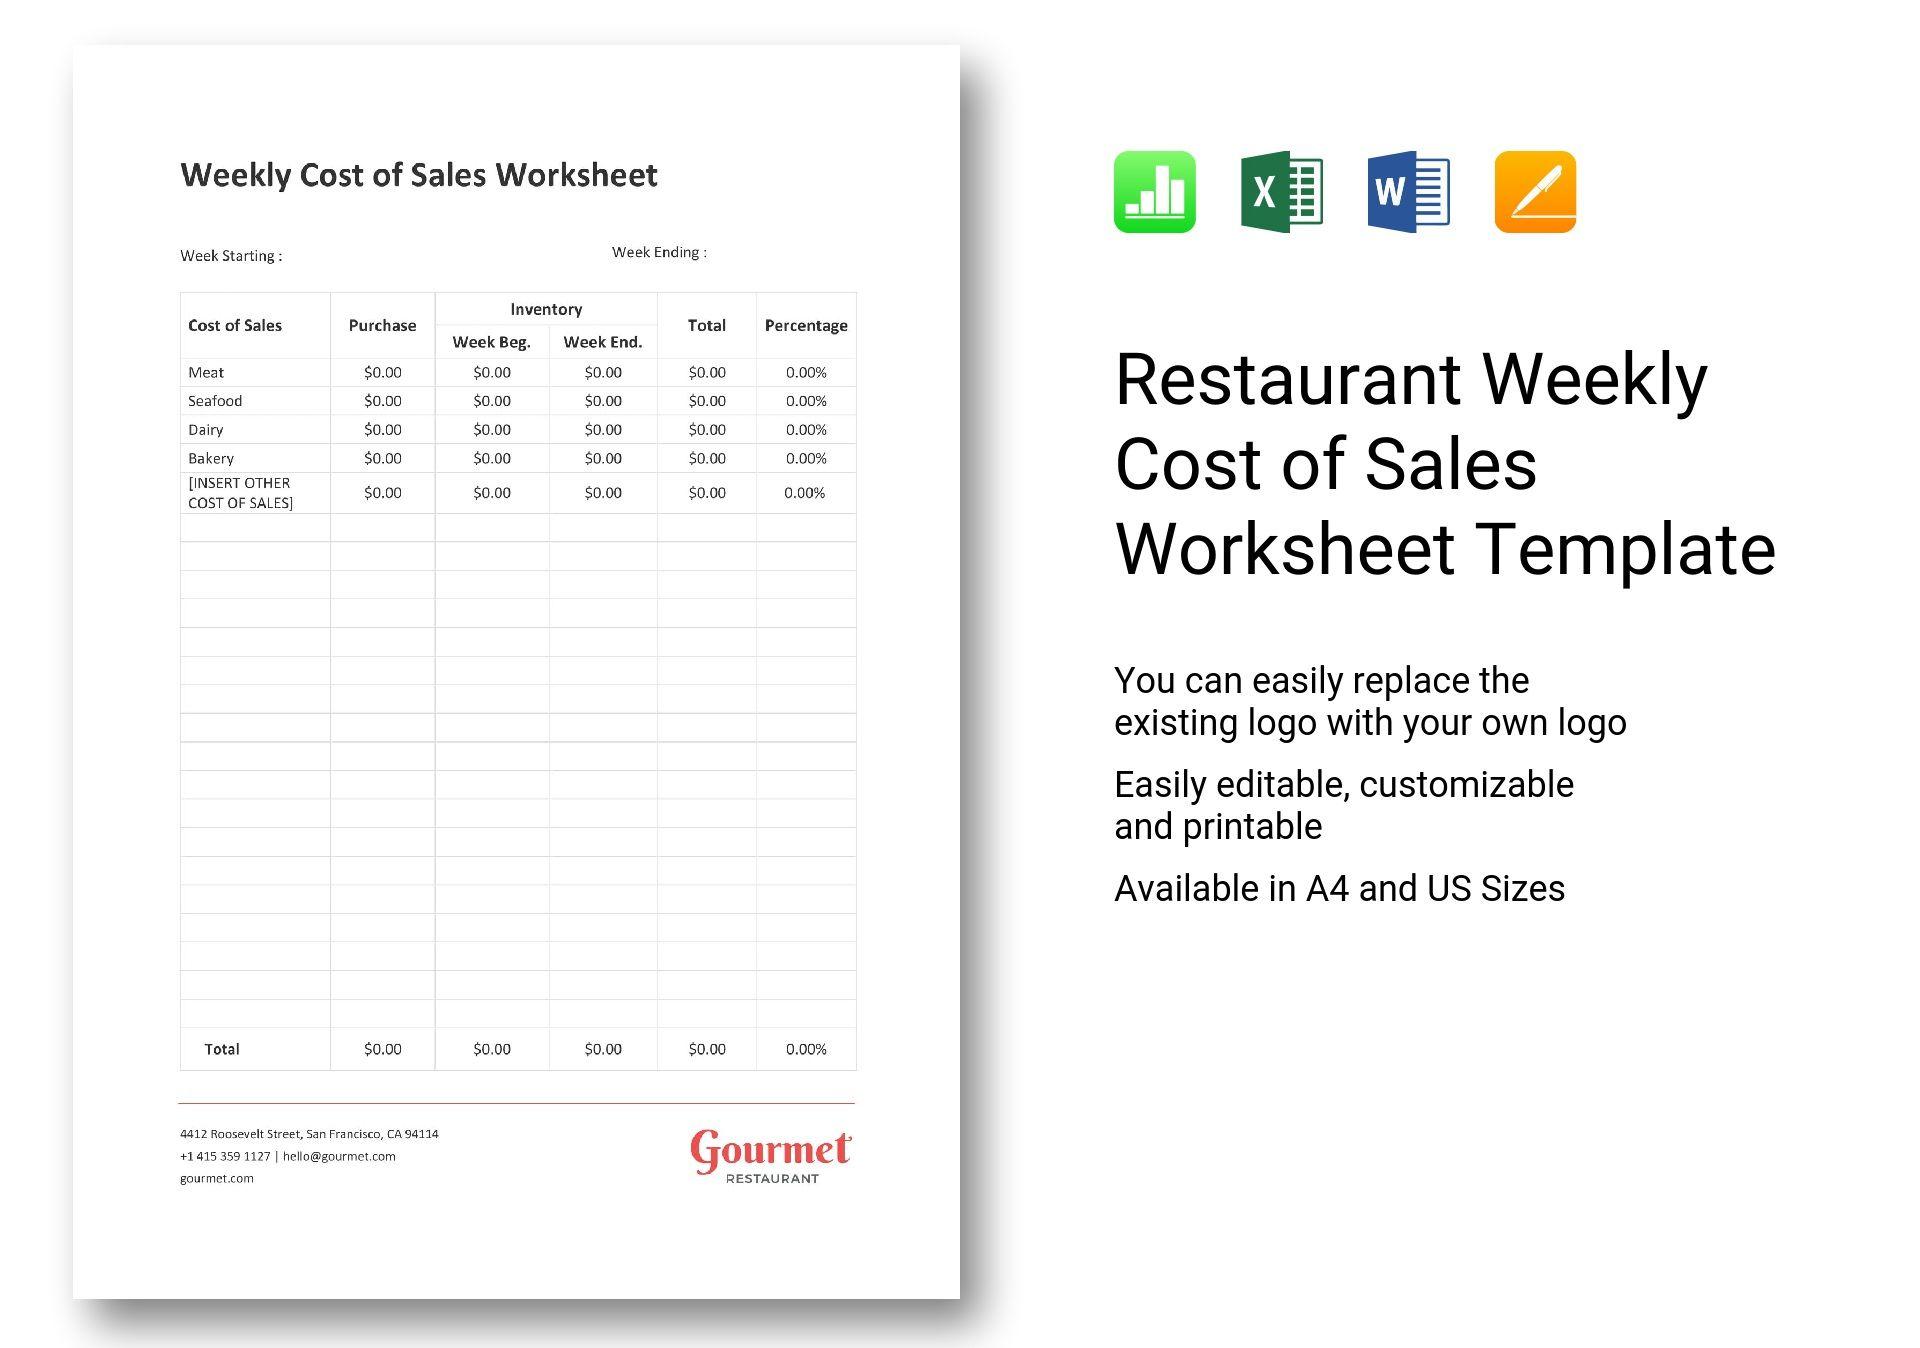 Restaurant Weekly Cost Of Sales Worksheet Template In Word